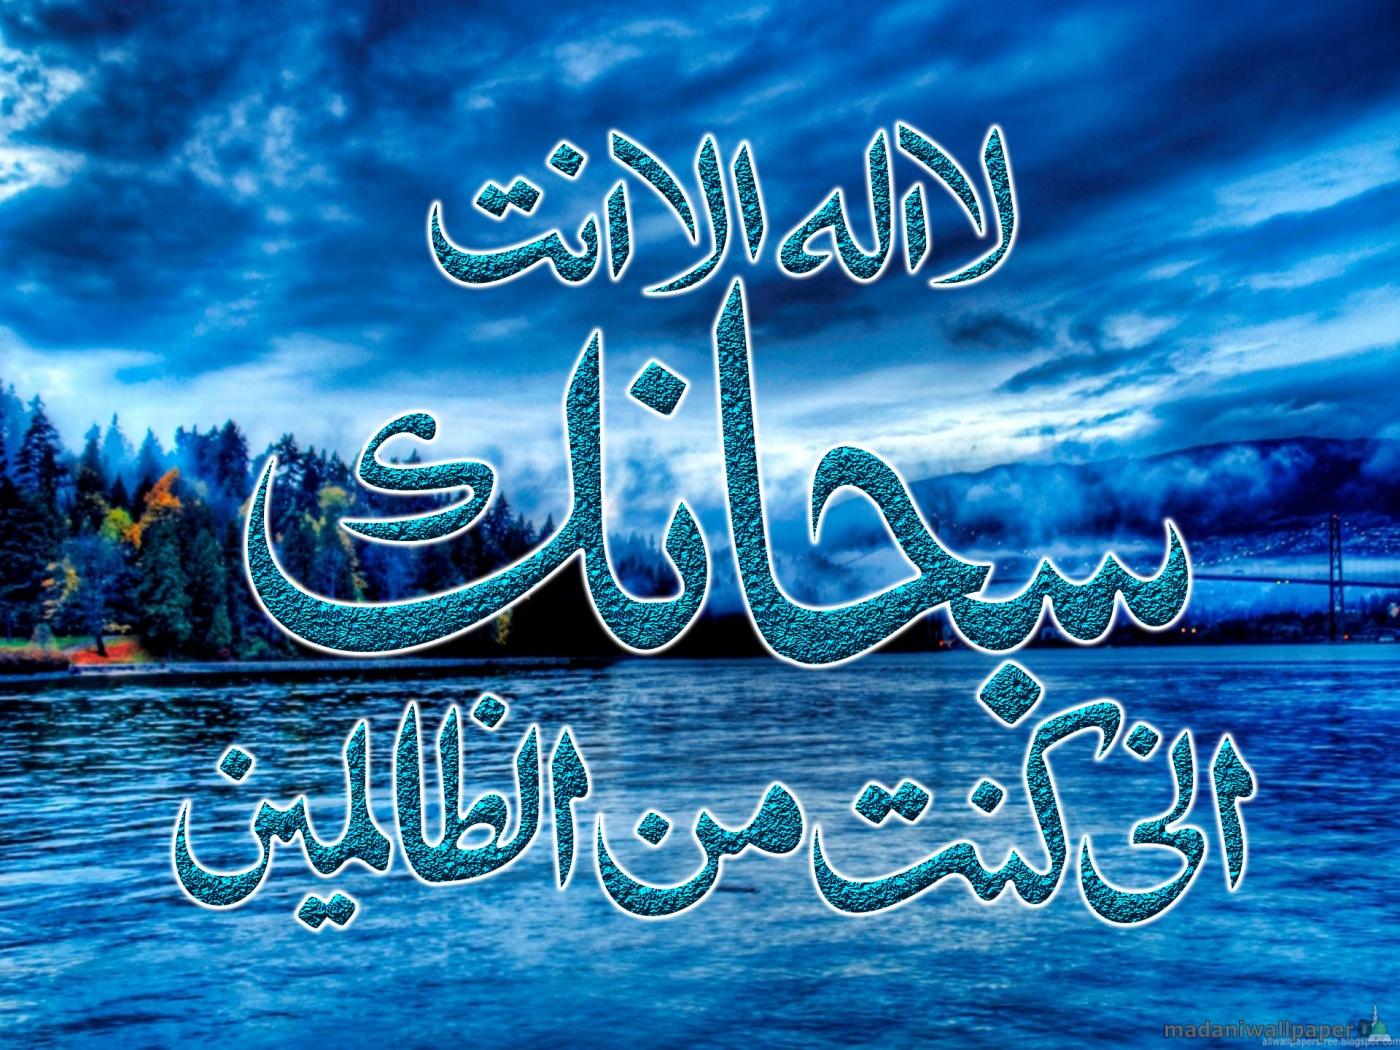 صور اسلامية جديدة 2015_1418668344_358